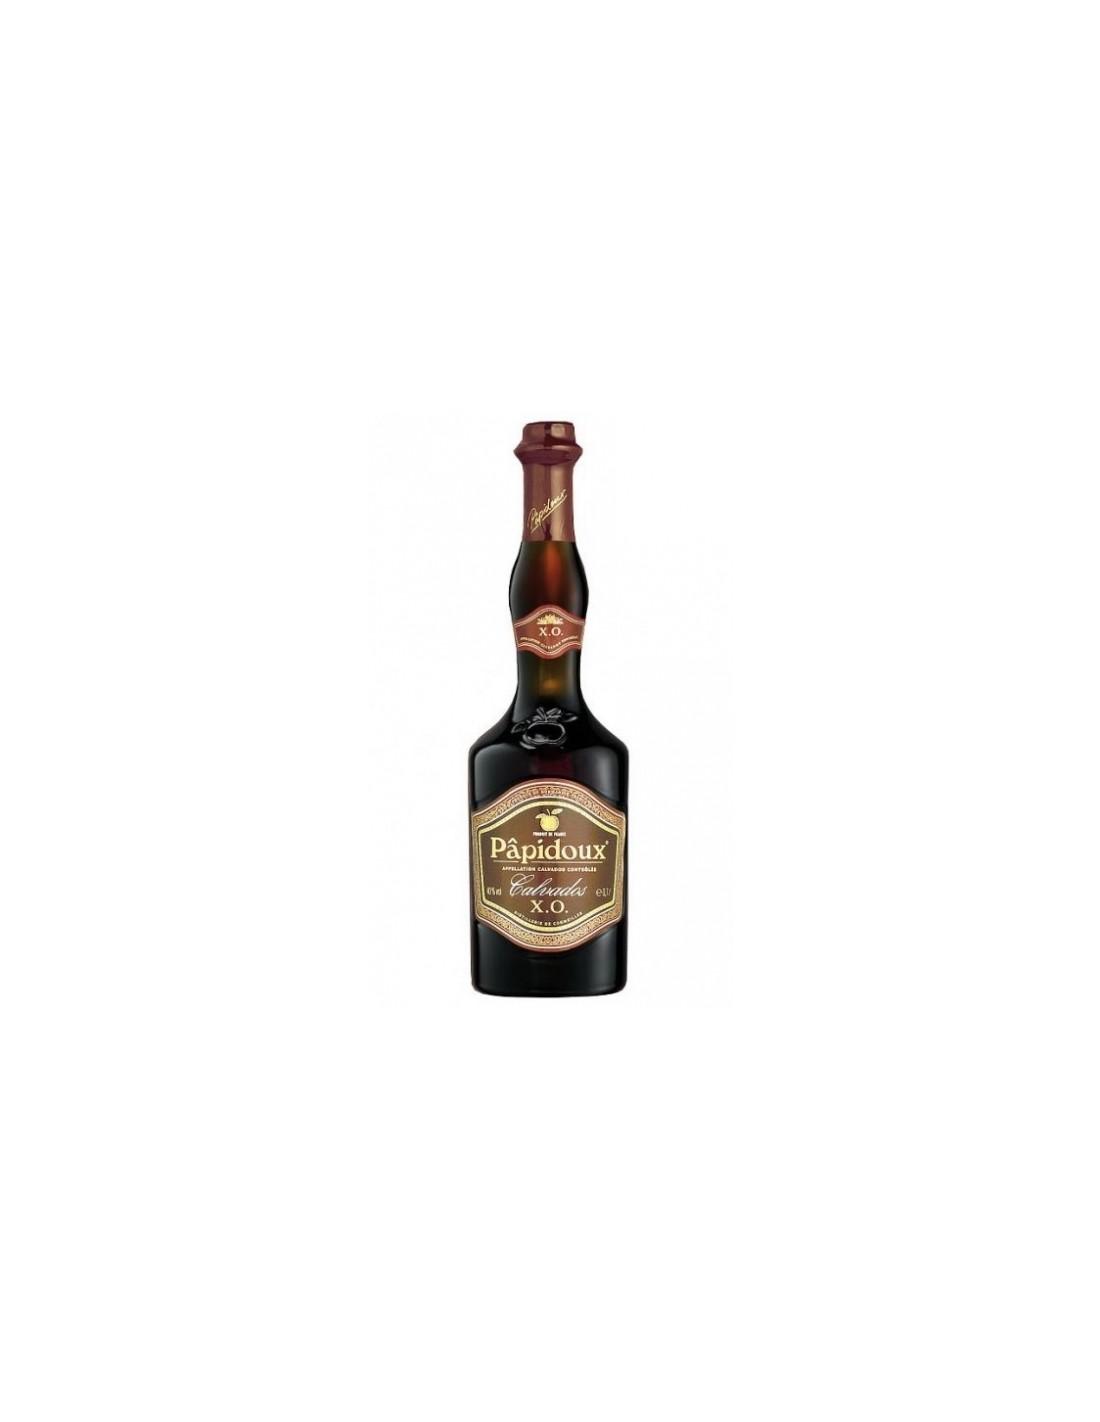 Brandy Calvados Papidoux XO, 40% alc., 0.7L, Franta